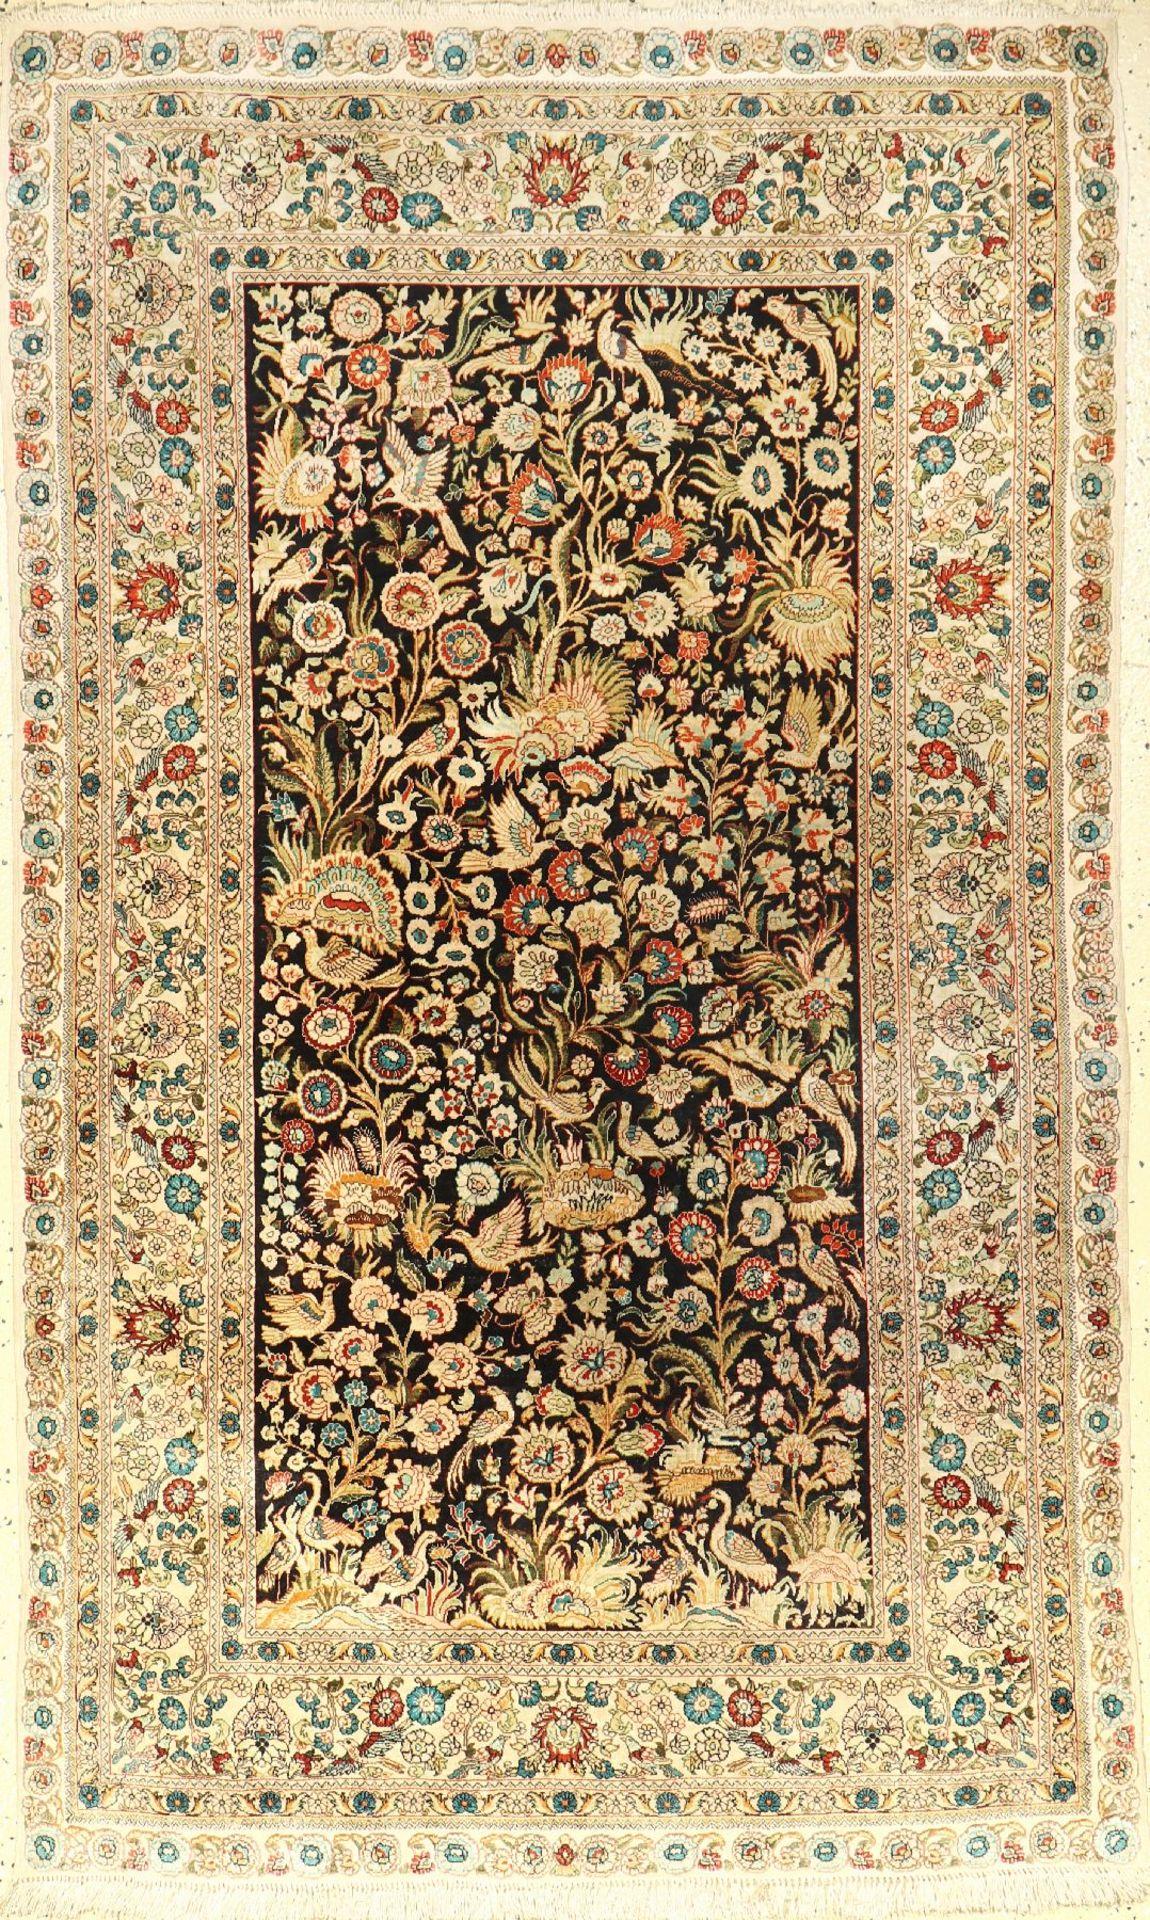 Seiden Hereke fein, China, ca. 30 Jahre, reine Naturseide, ca. 155 x 92 cm, sehr fein, EHZ: 3Very